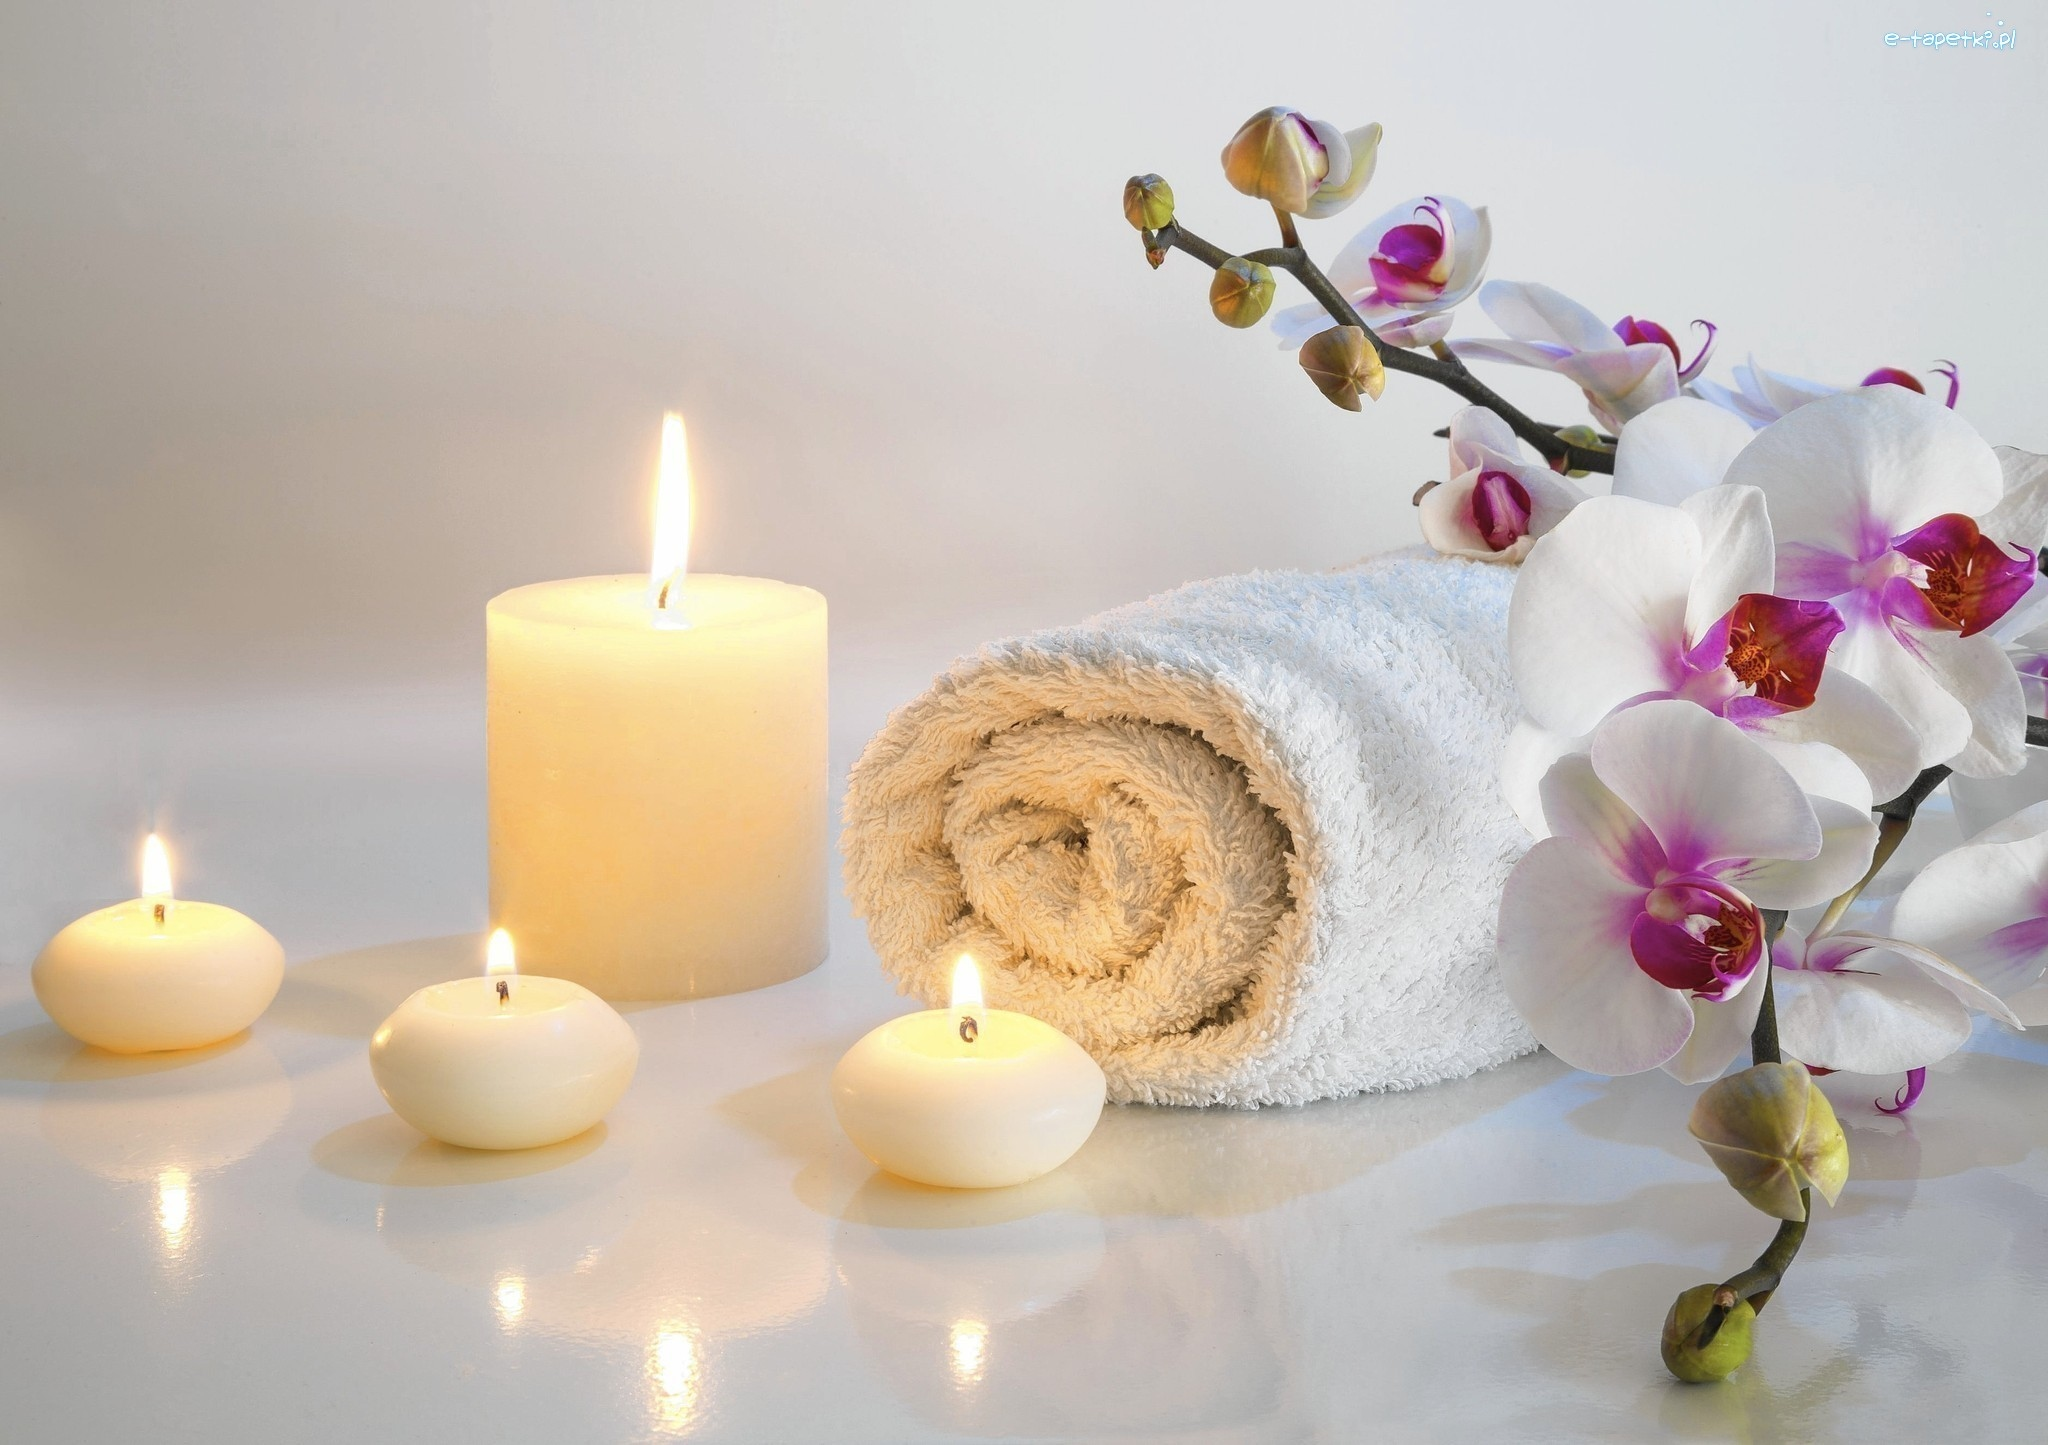 Kwiaty, SPA, Kompozycja, Świece, Ręcznik, Storczyki